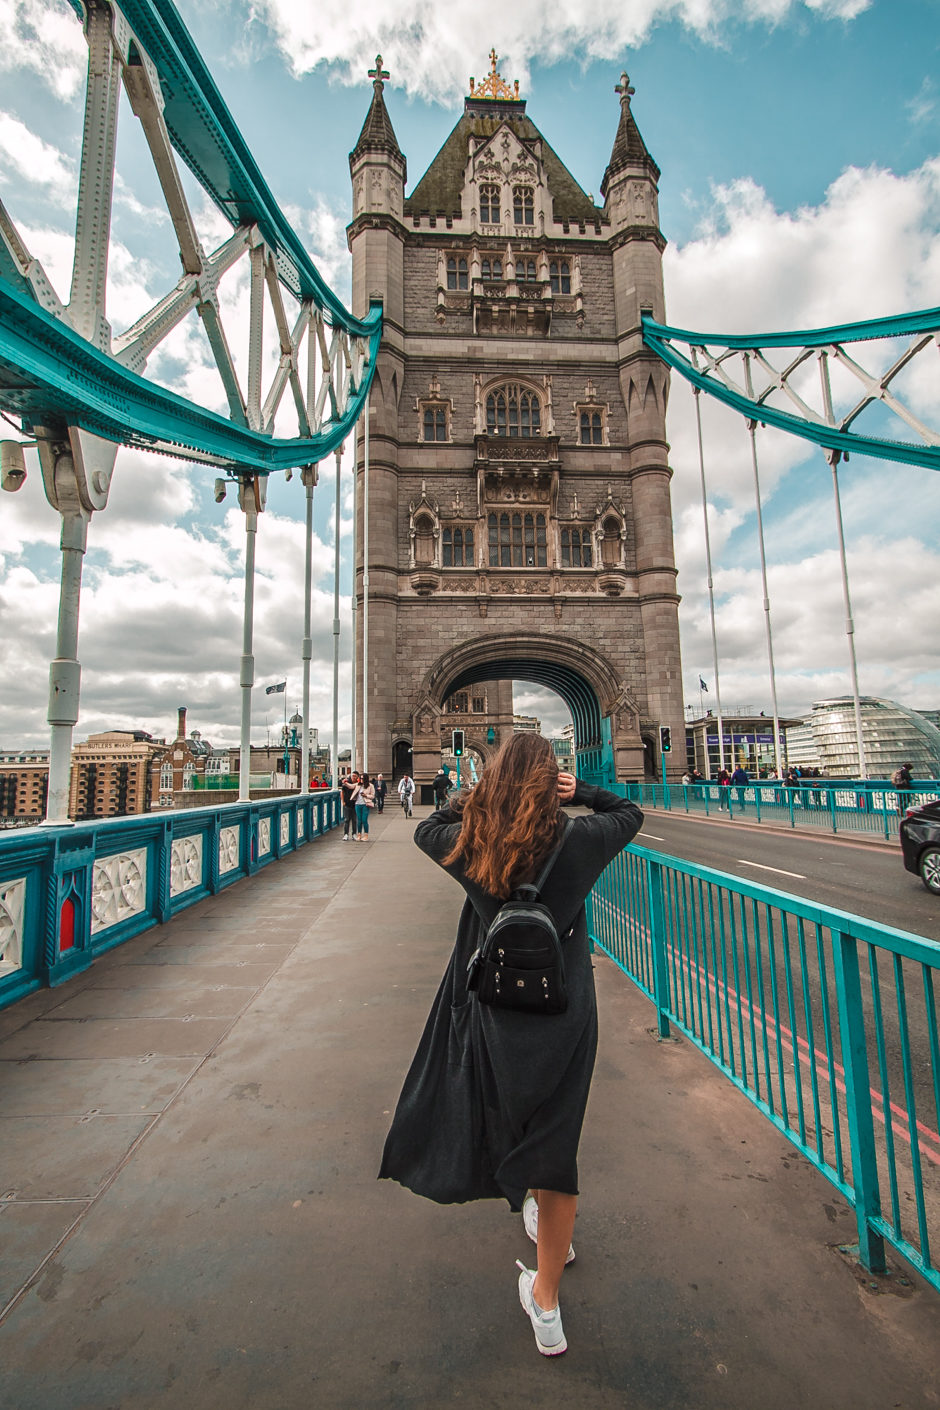 najciekawsze miejsca i atrakcje w londynie